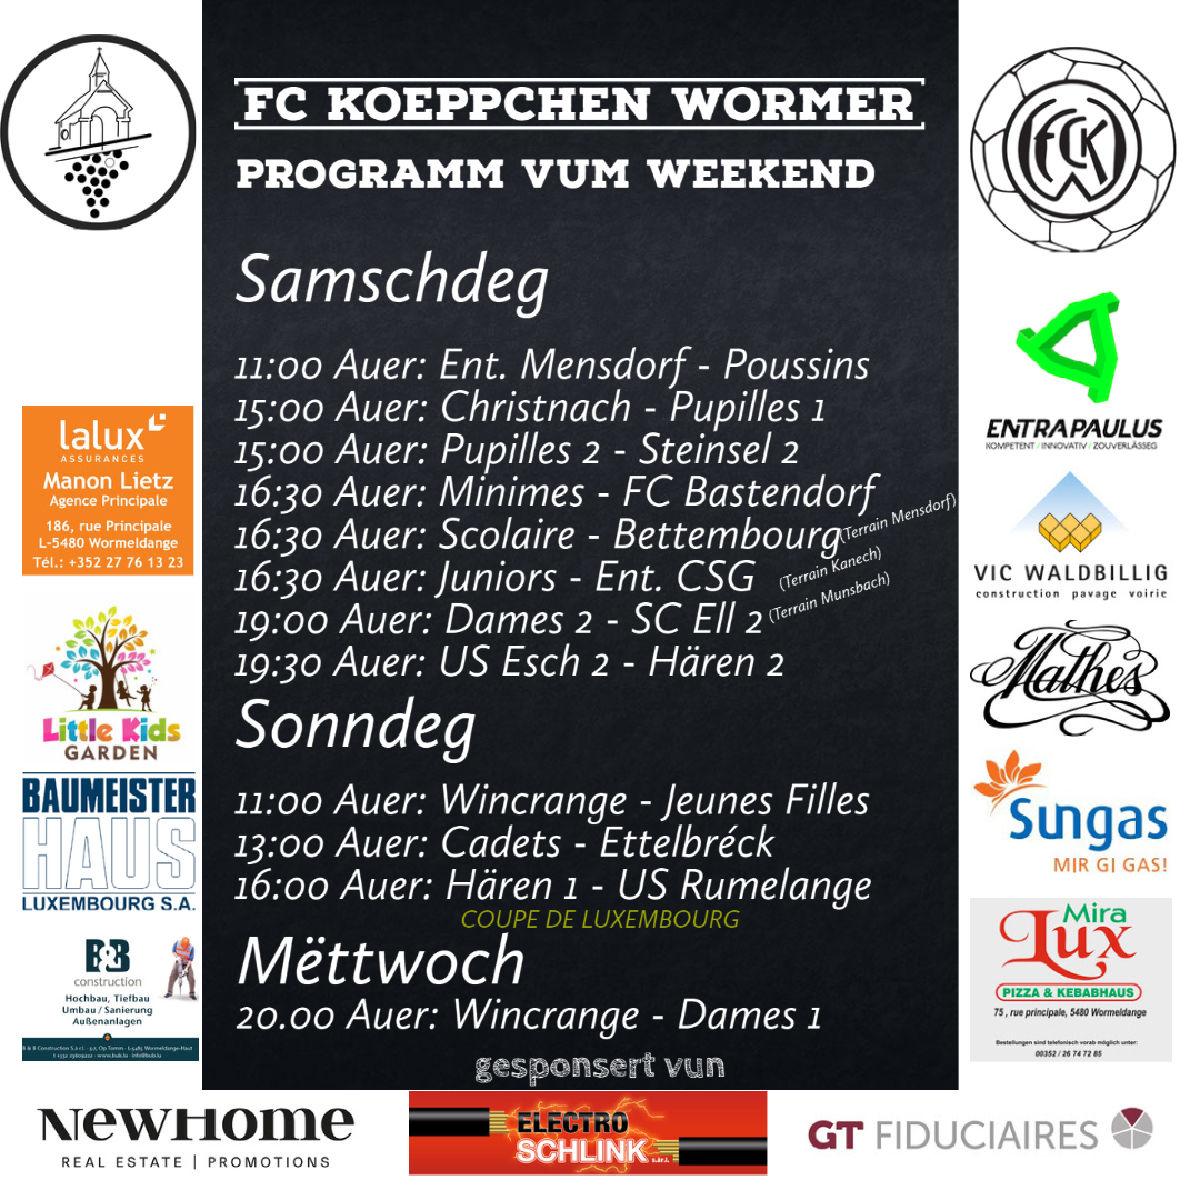 Programm vum Weekend